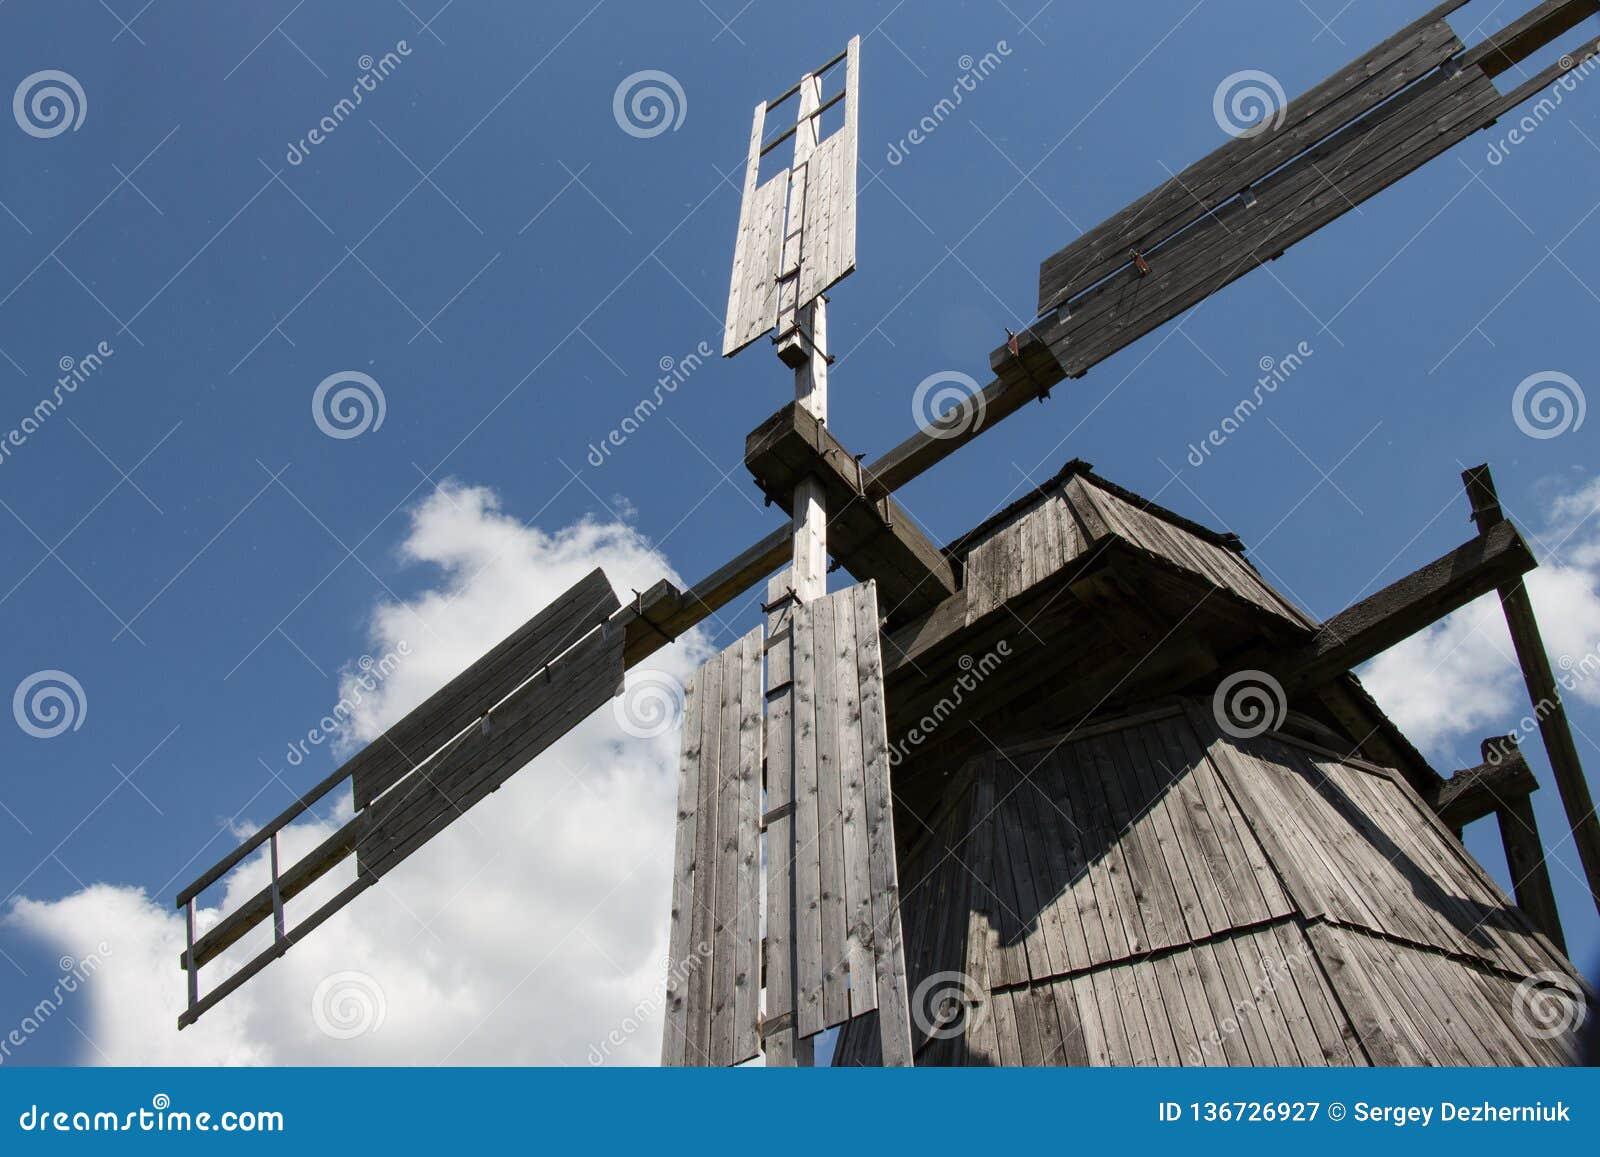 Windmühle, Blätter, blauer Himmel, Wolken